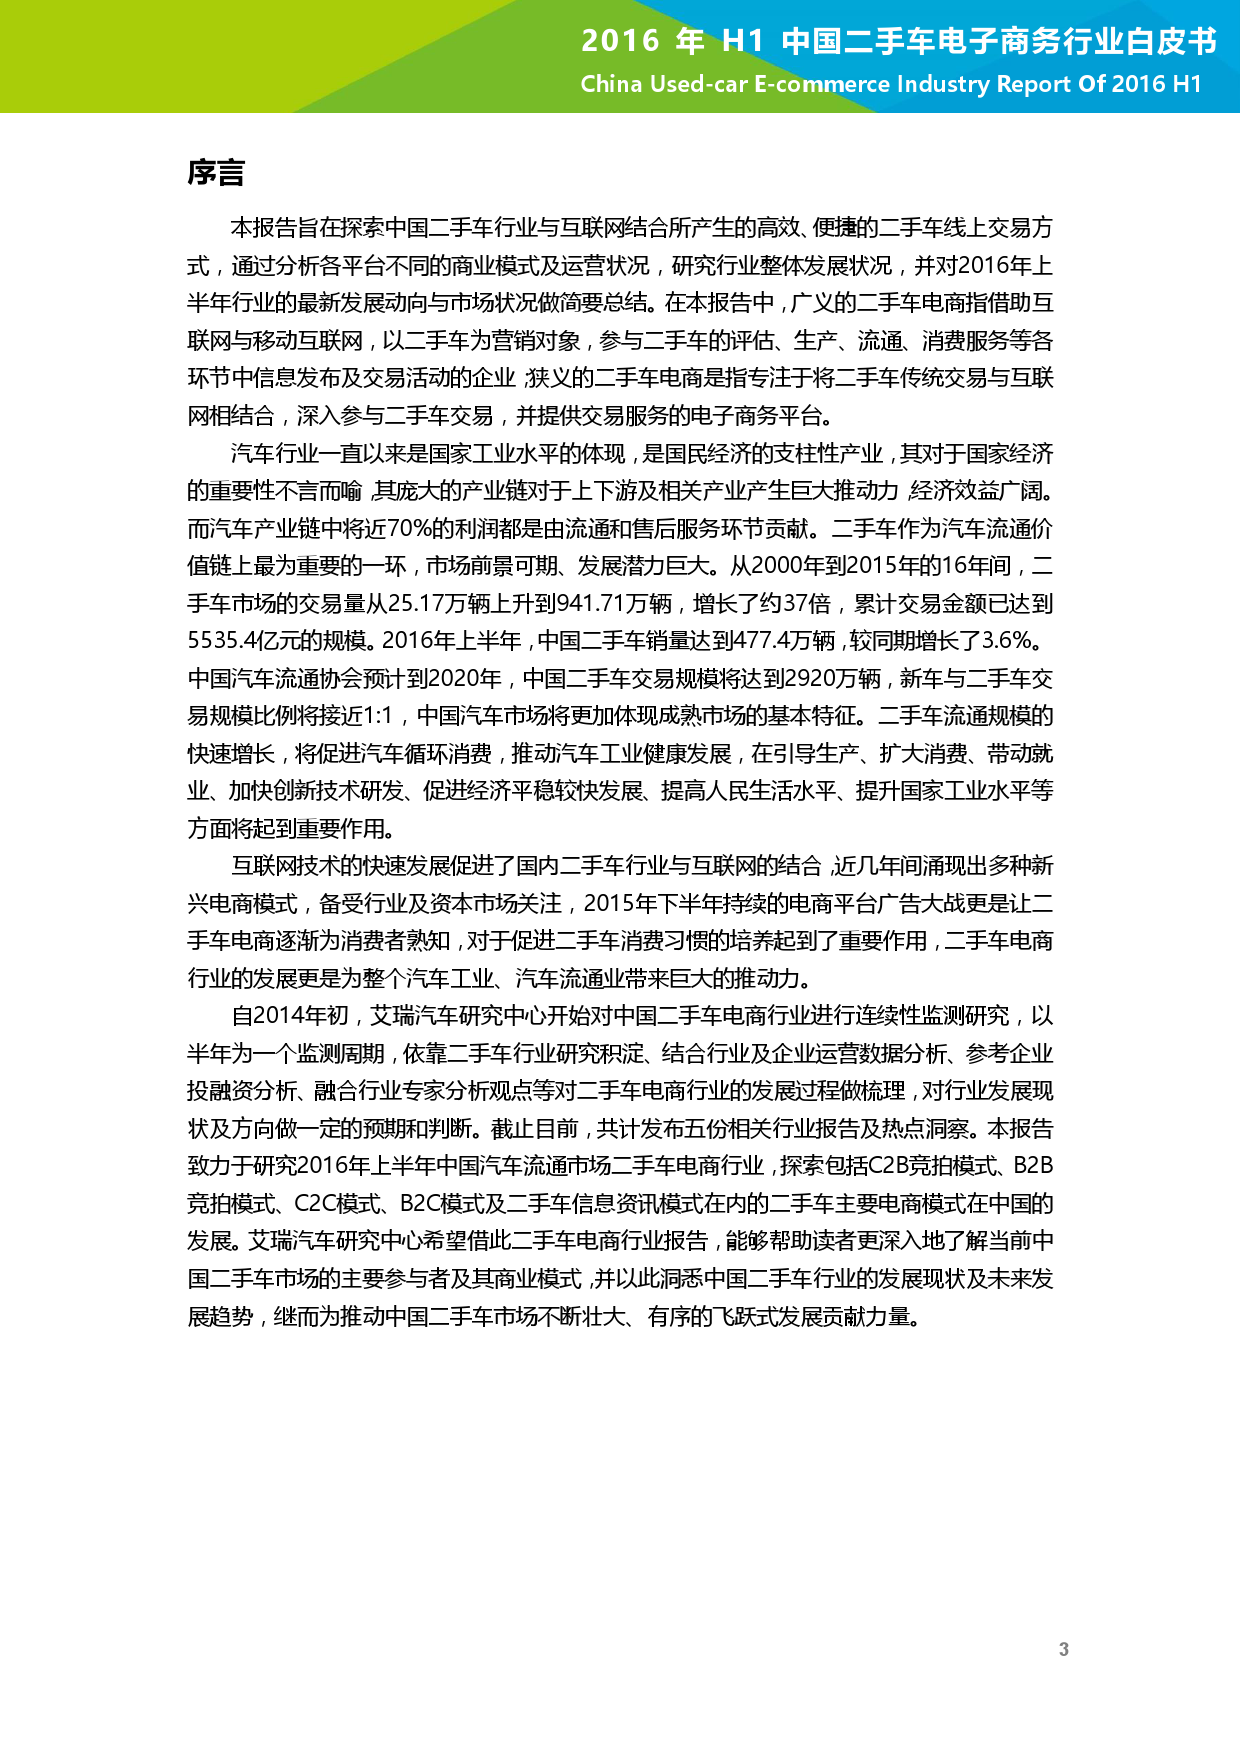 2016年H1中国二手车电子商务行业白皮书_000004